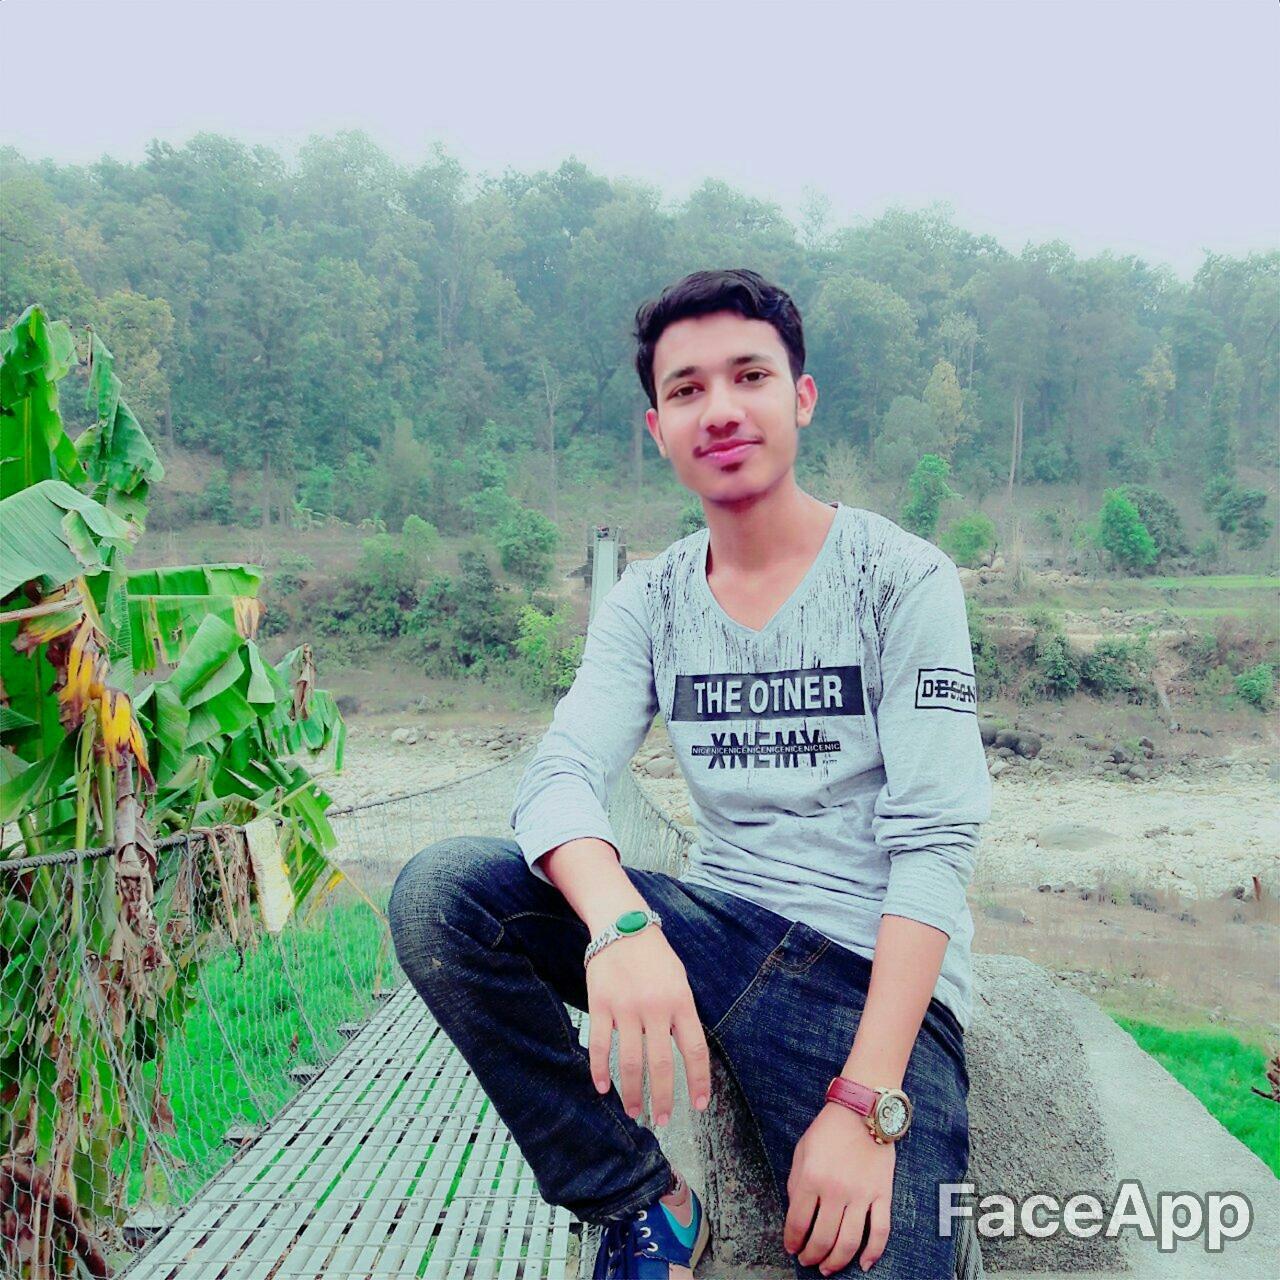 Bimal Khanal